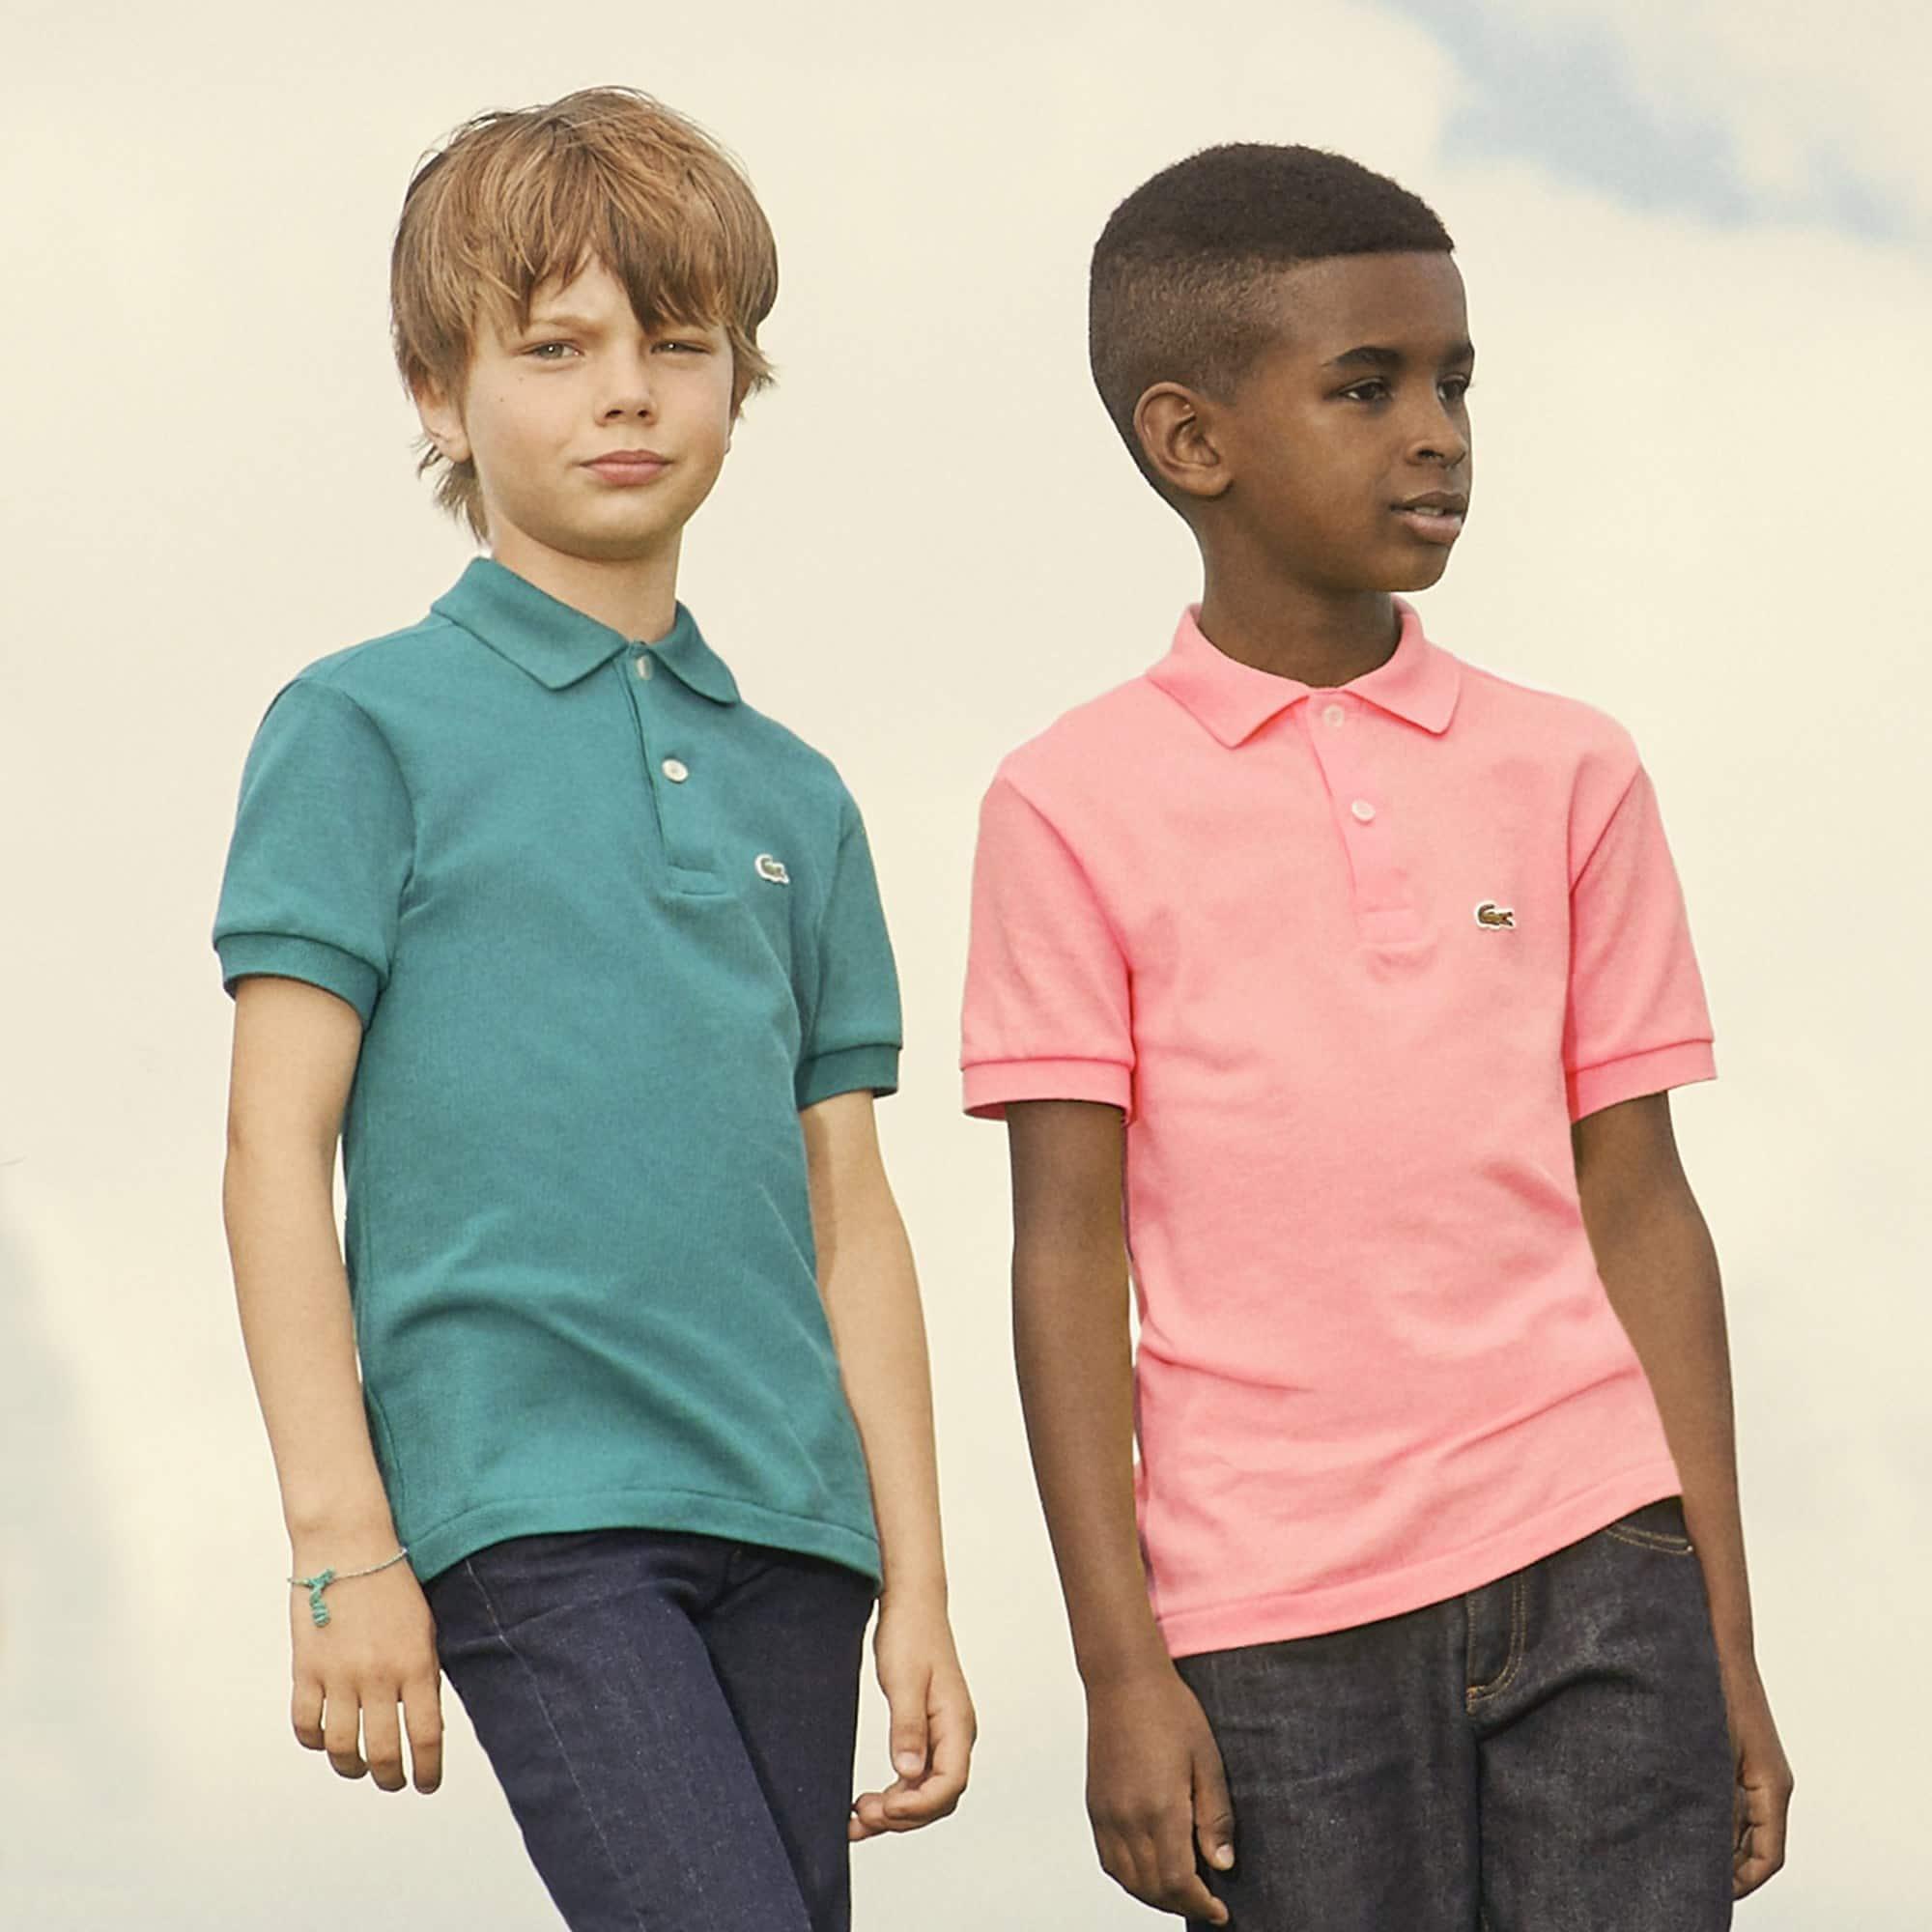 Lacoste L12.12 Kinder-Polo aus Petit Piqué